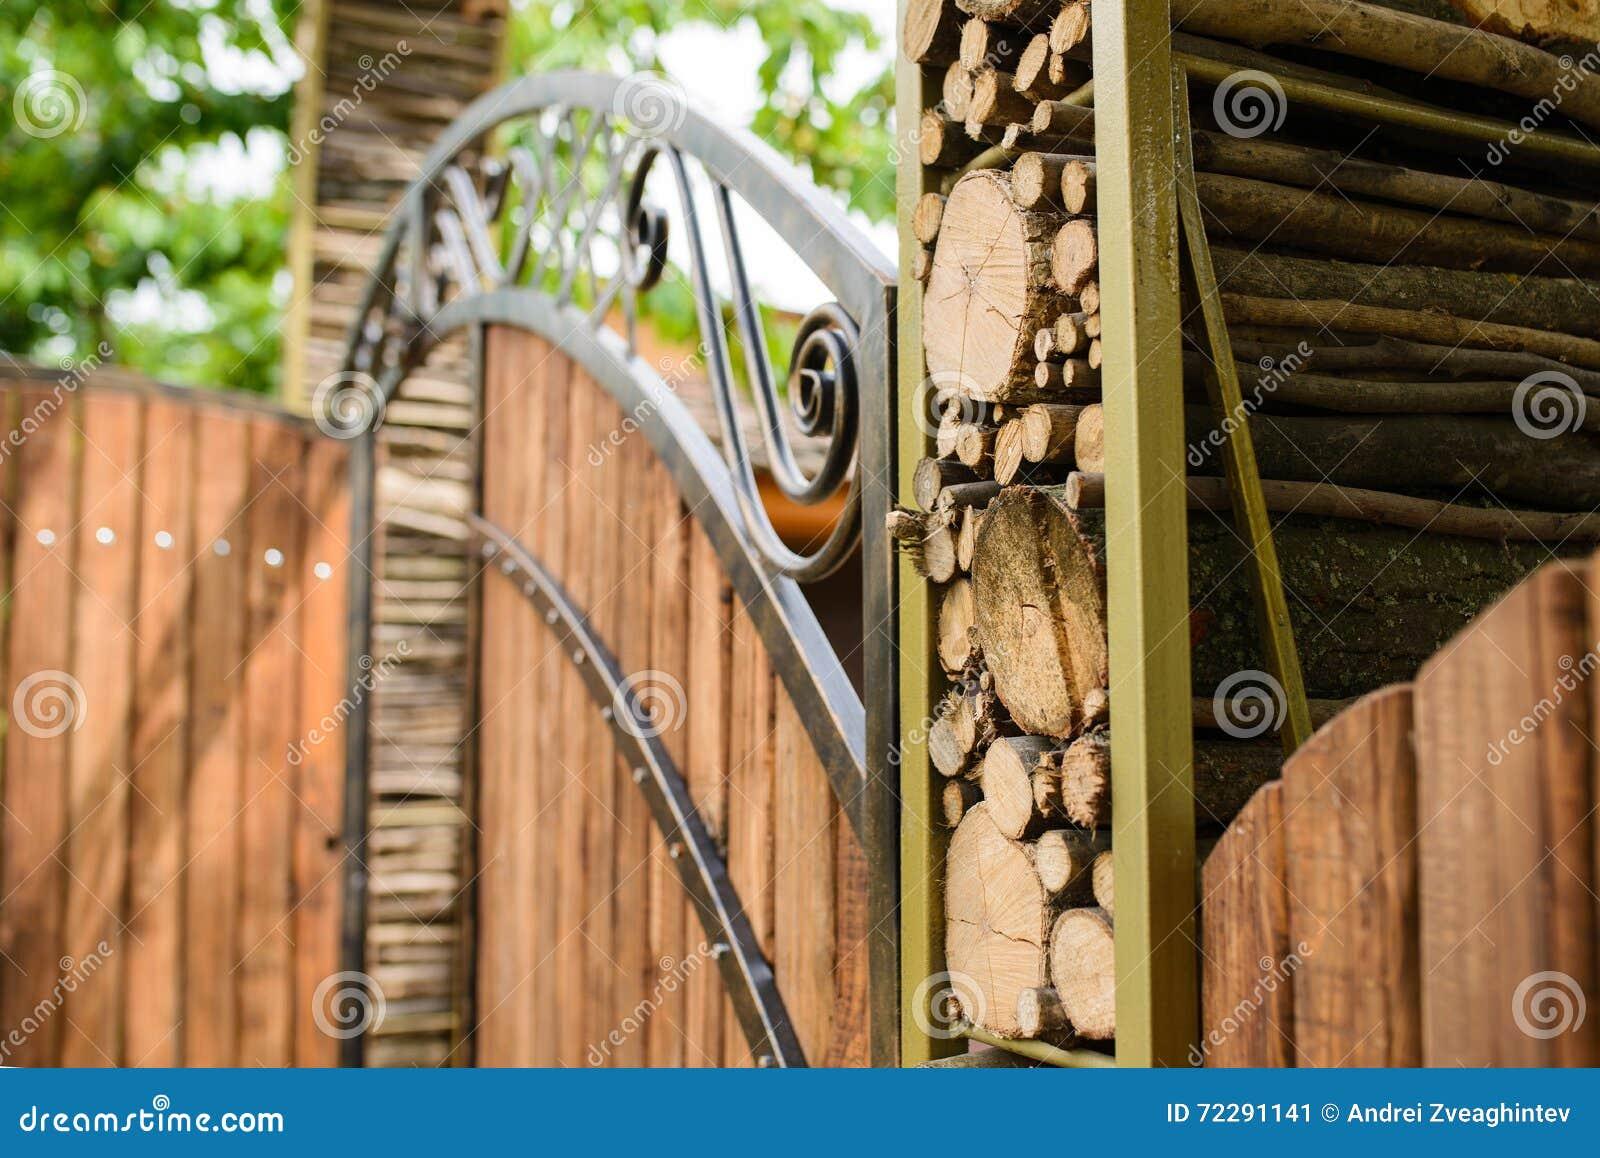 Download Журналы на деревянном стробе Стоковое Изображение - изображение насчитывающей backhoe, поколение: 72291141